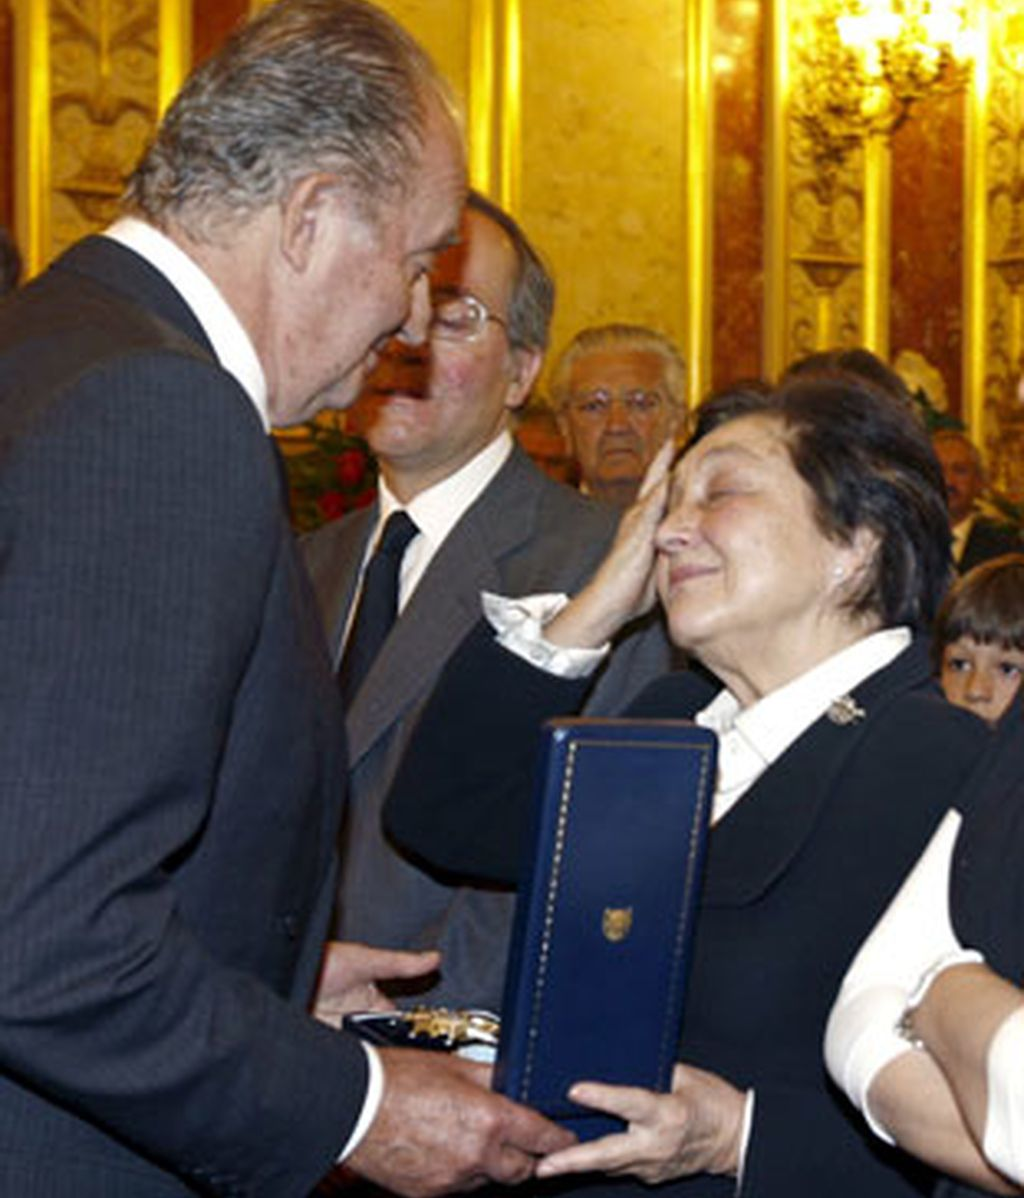 El Rey Juan Carlos da el pésame a la viuda del ex presidente del Gobierno Leopoldo Calvo Sotelo, Pilar Ibañez-Martín, en la capilla ardiente que se ha instalado en el Congreso de los Diputados.